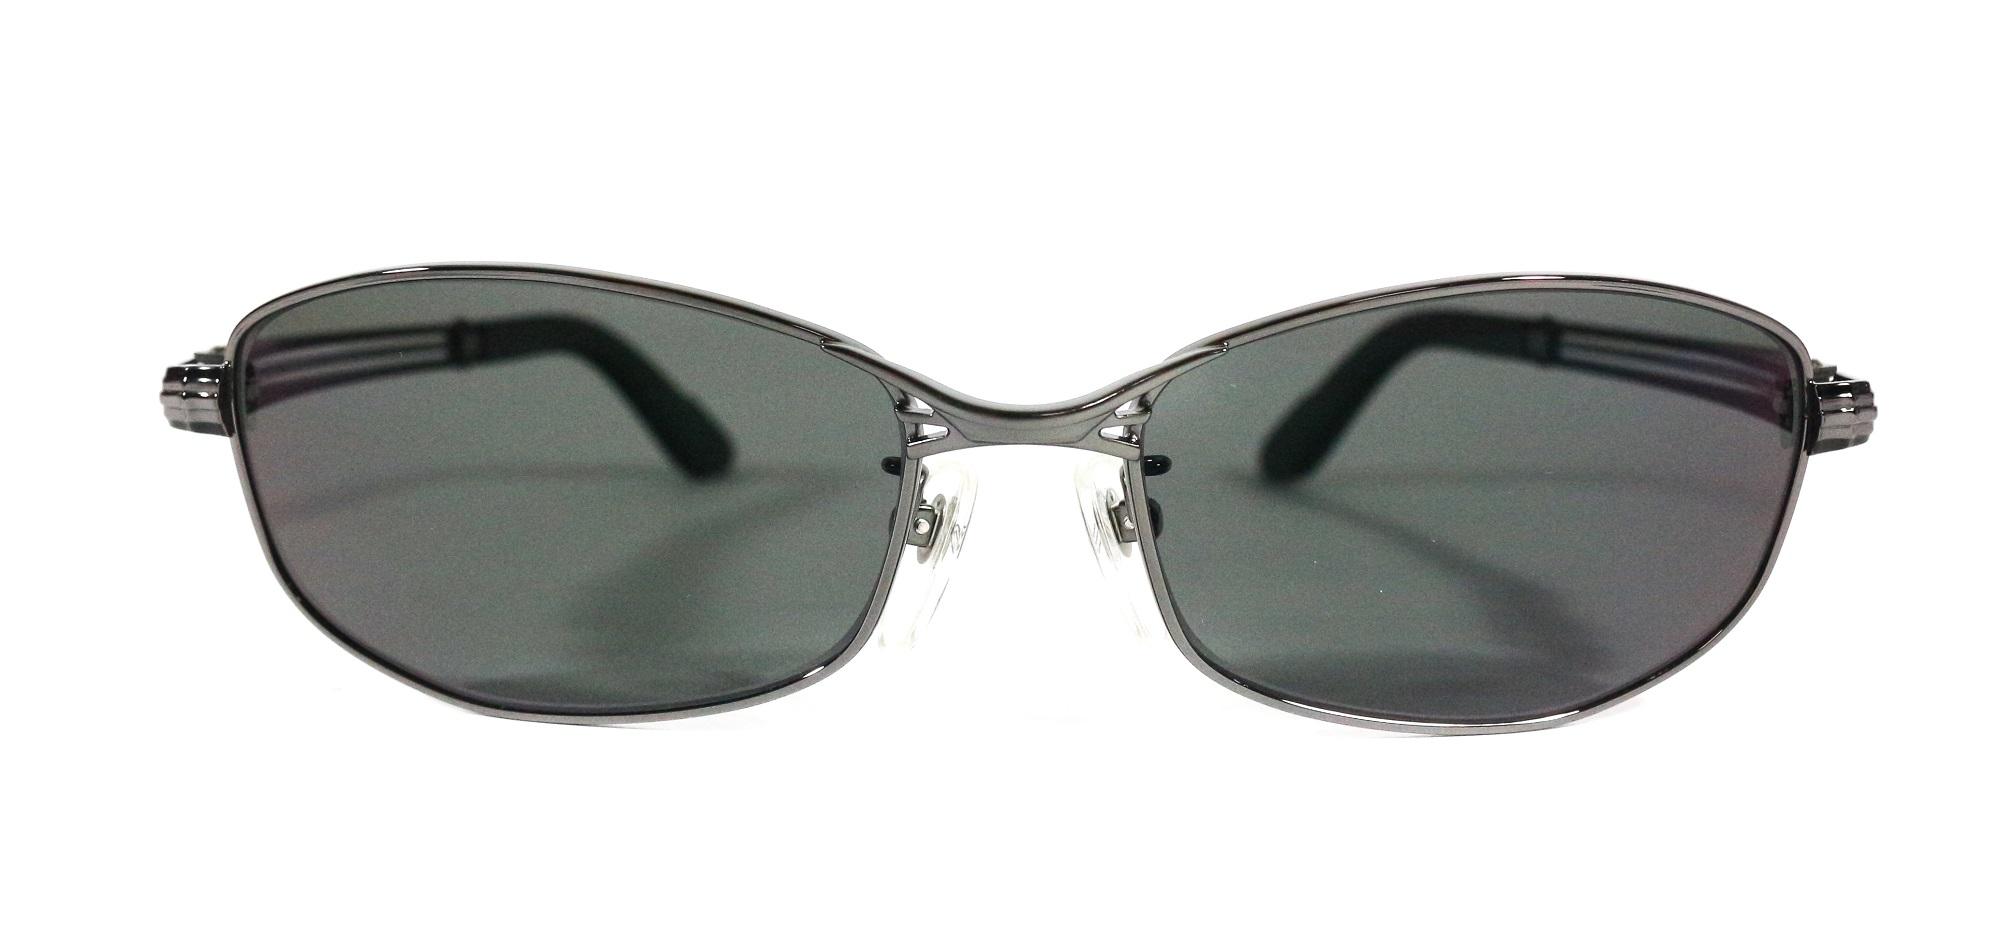 Zeque Polarised Fishing Sunglasses Feiz F-1334 MATTE CHROME TV FOCUS (3503)